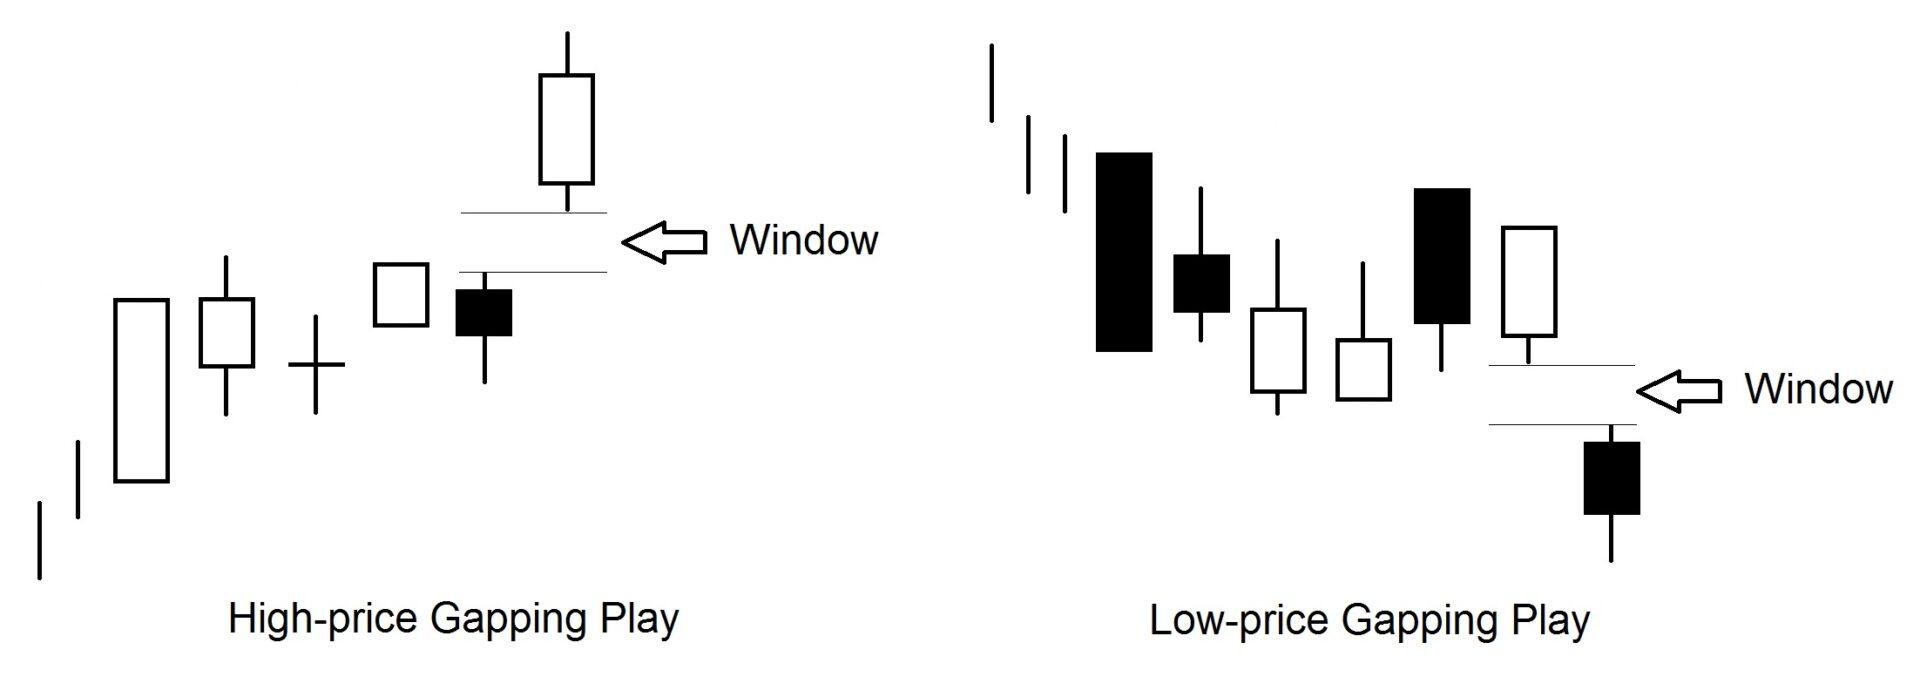 بازی فاصله ها در قیمت های بالا و پایین High and Low Price Gapping Play